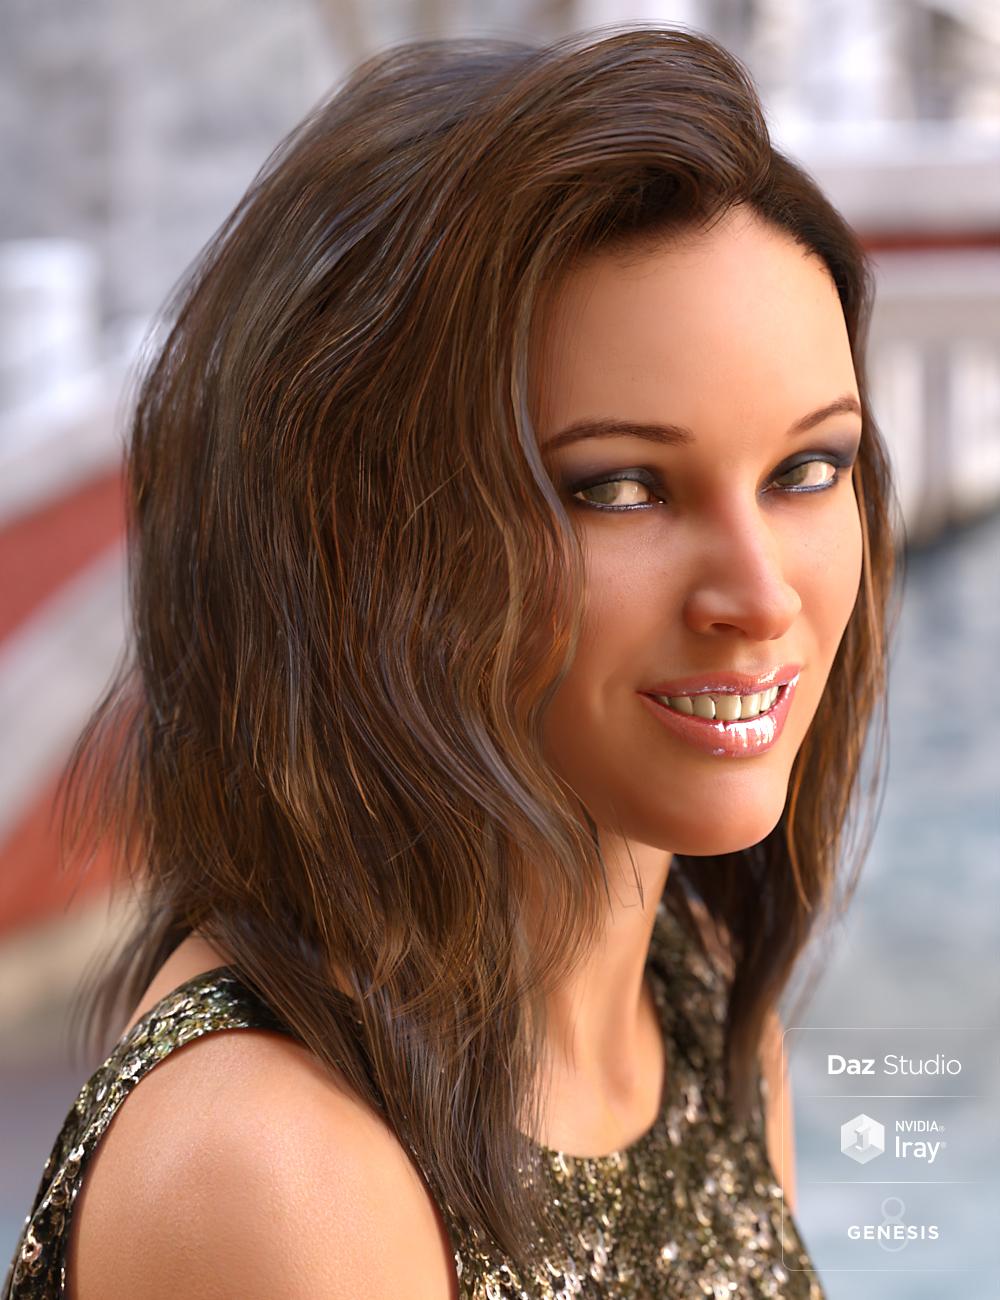 Apex Hair for Genesis 3 & Genesis 8 Female(s) by: goldtassel, 3D Models by Daz 3D